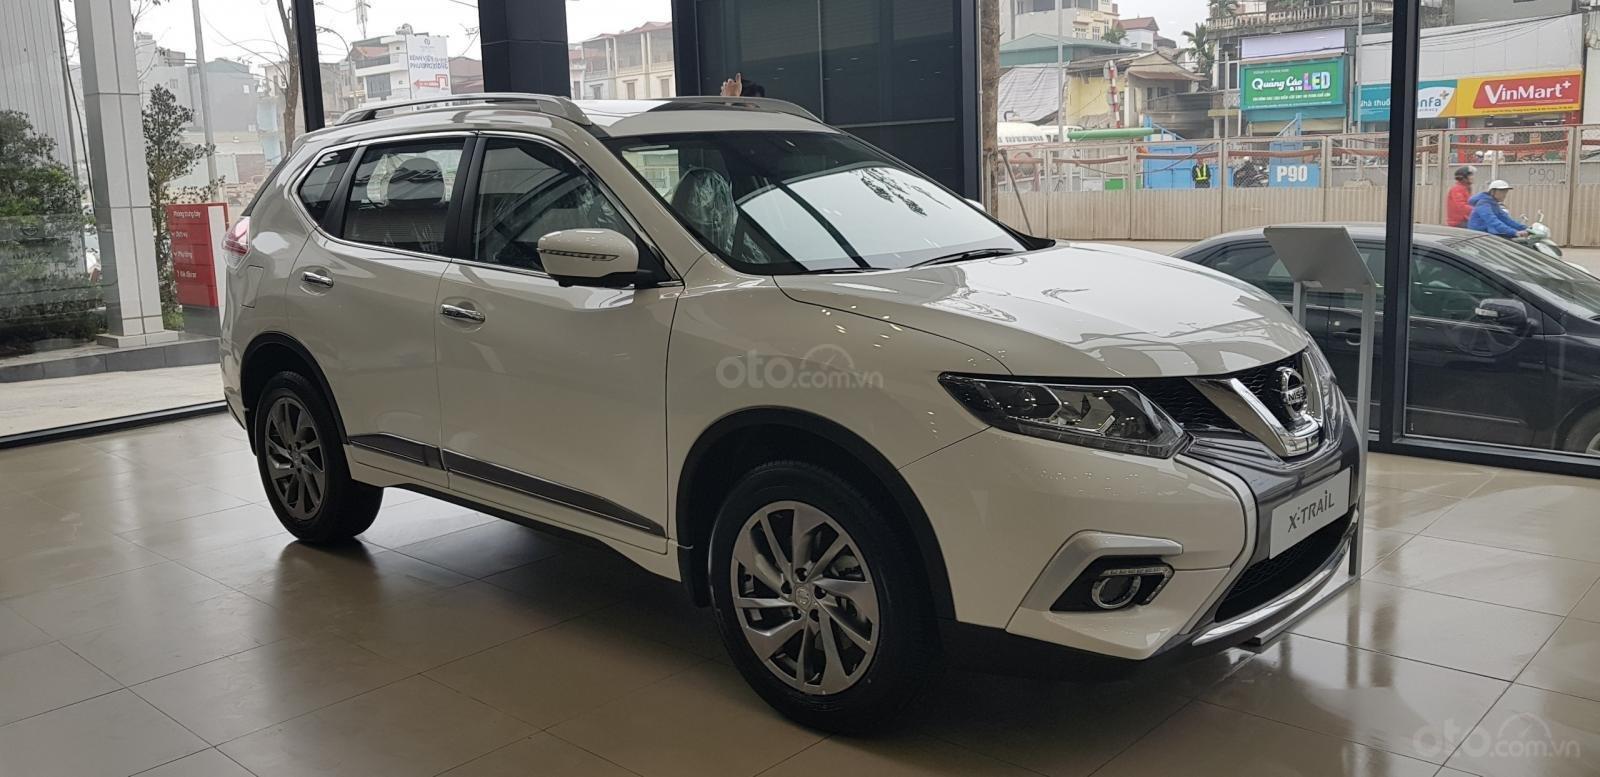 Giá lăn bánh xe Nissan X-Trail 2019 tại Việt Nam sau khi có giá niêm yết mới a2